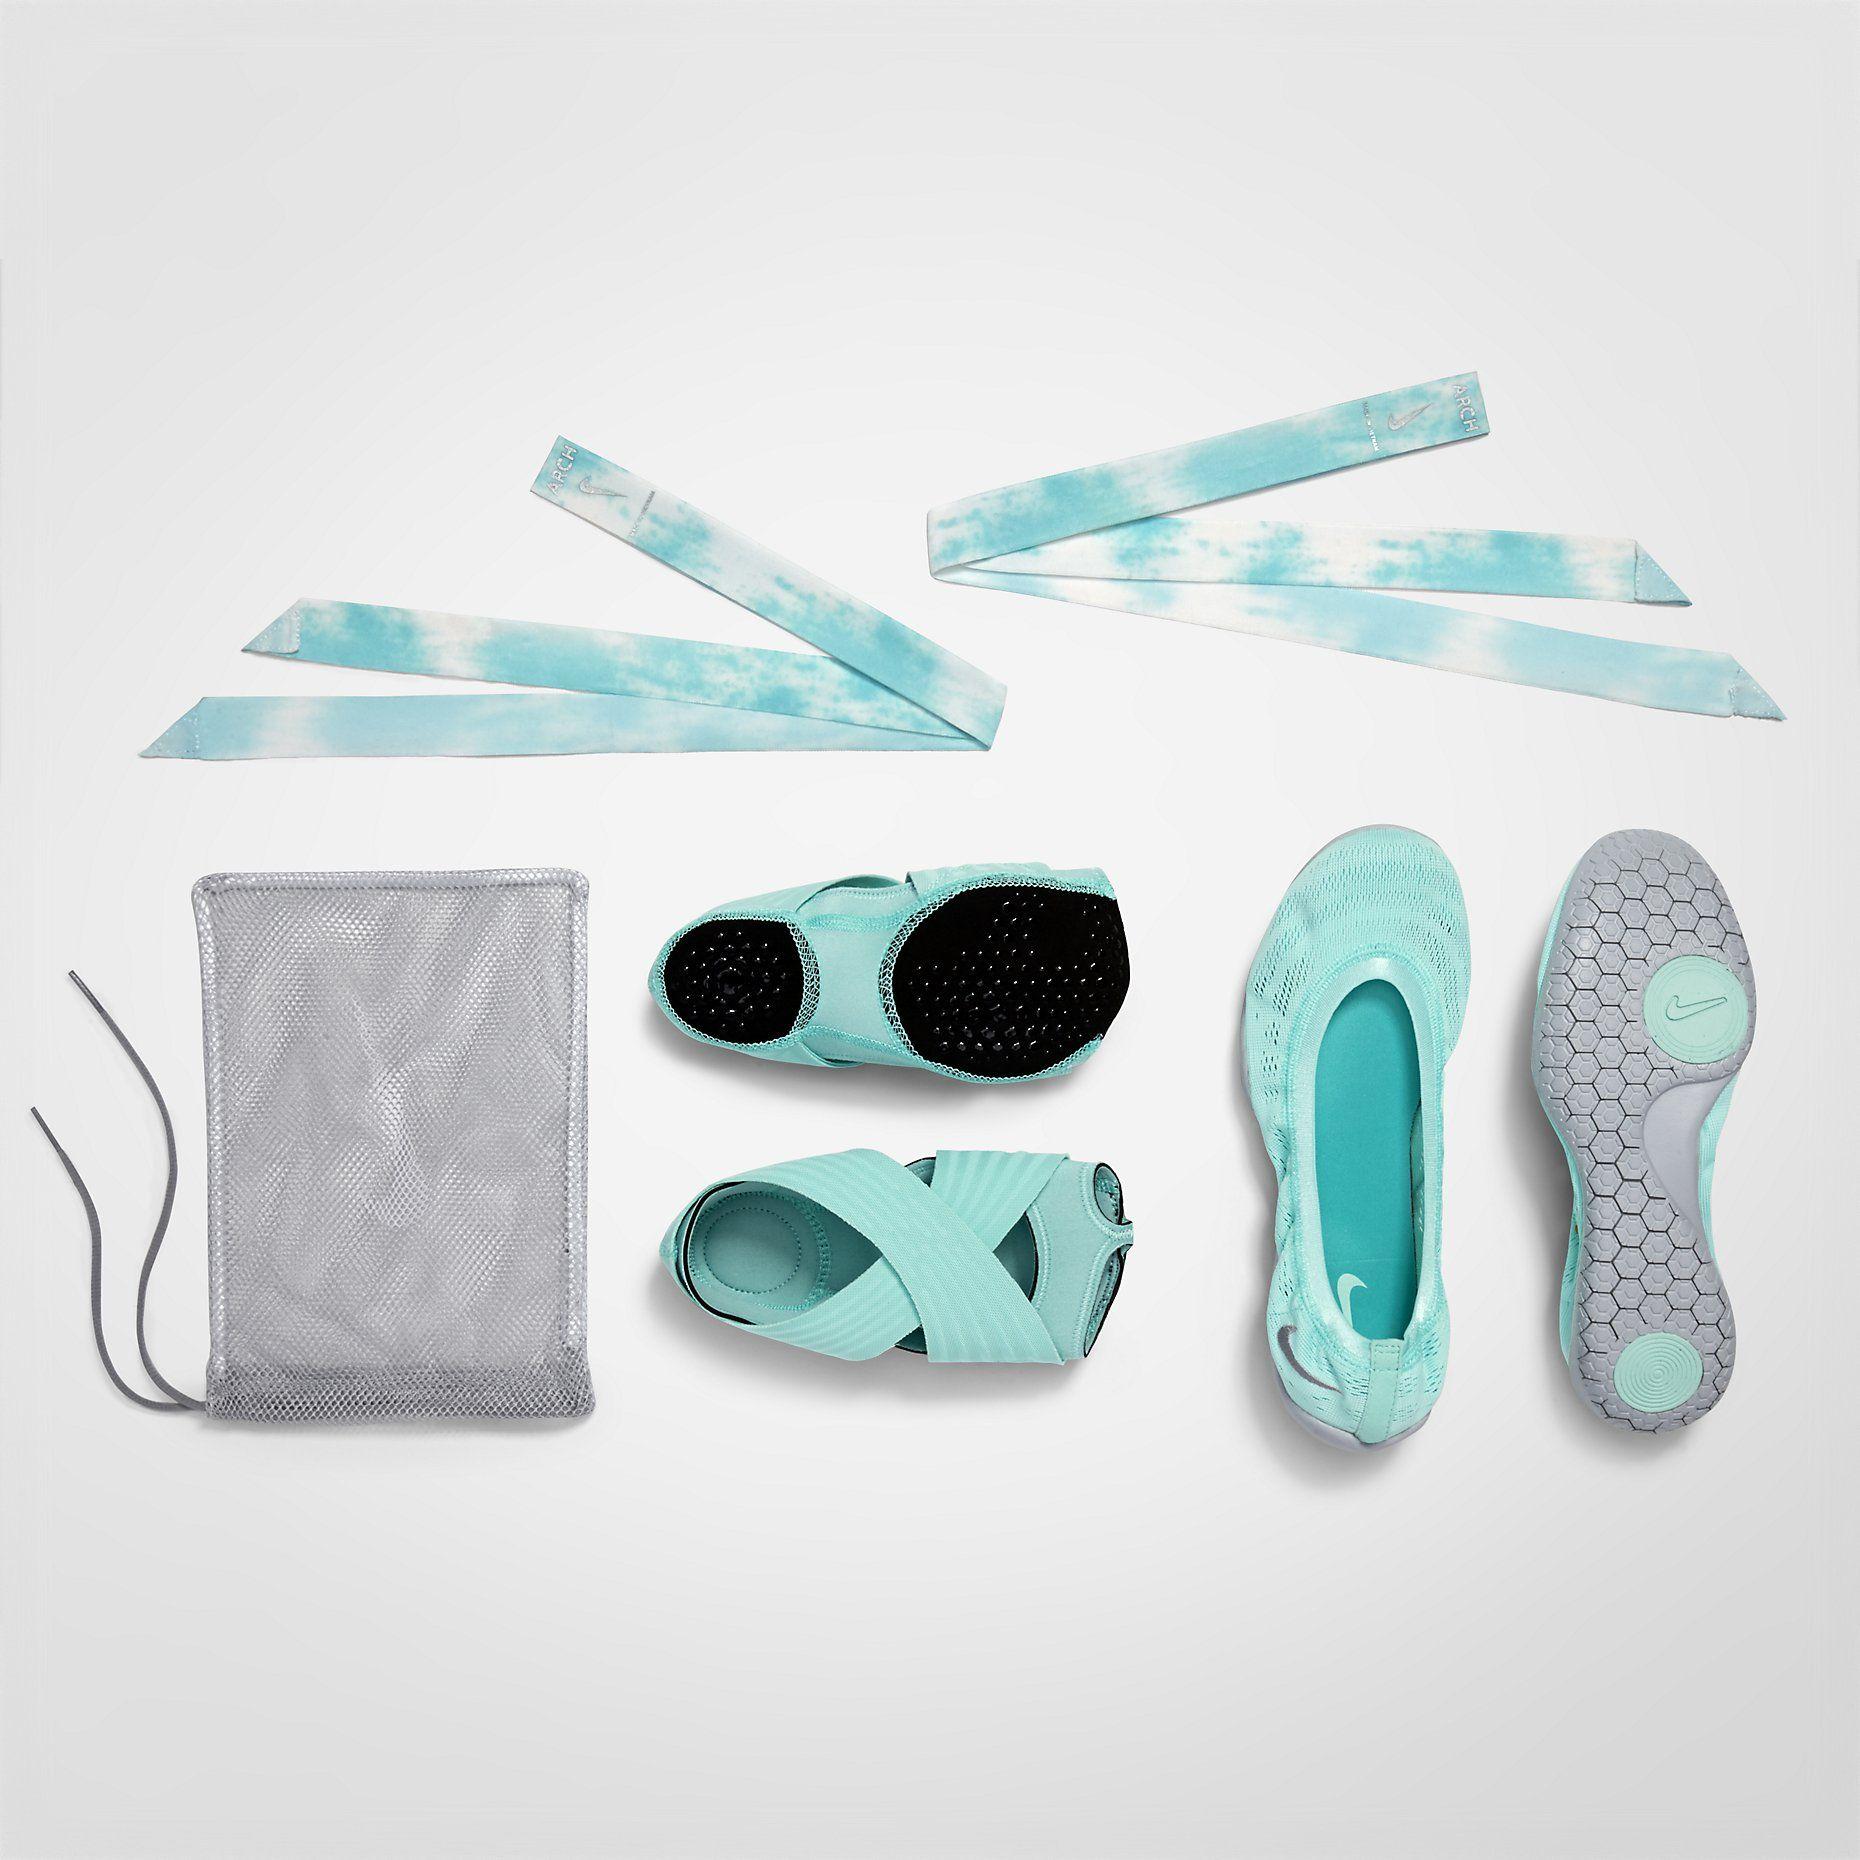 Fitness tools nike studio wraps - Clayton On Nike Studio Wrapworkout